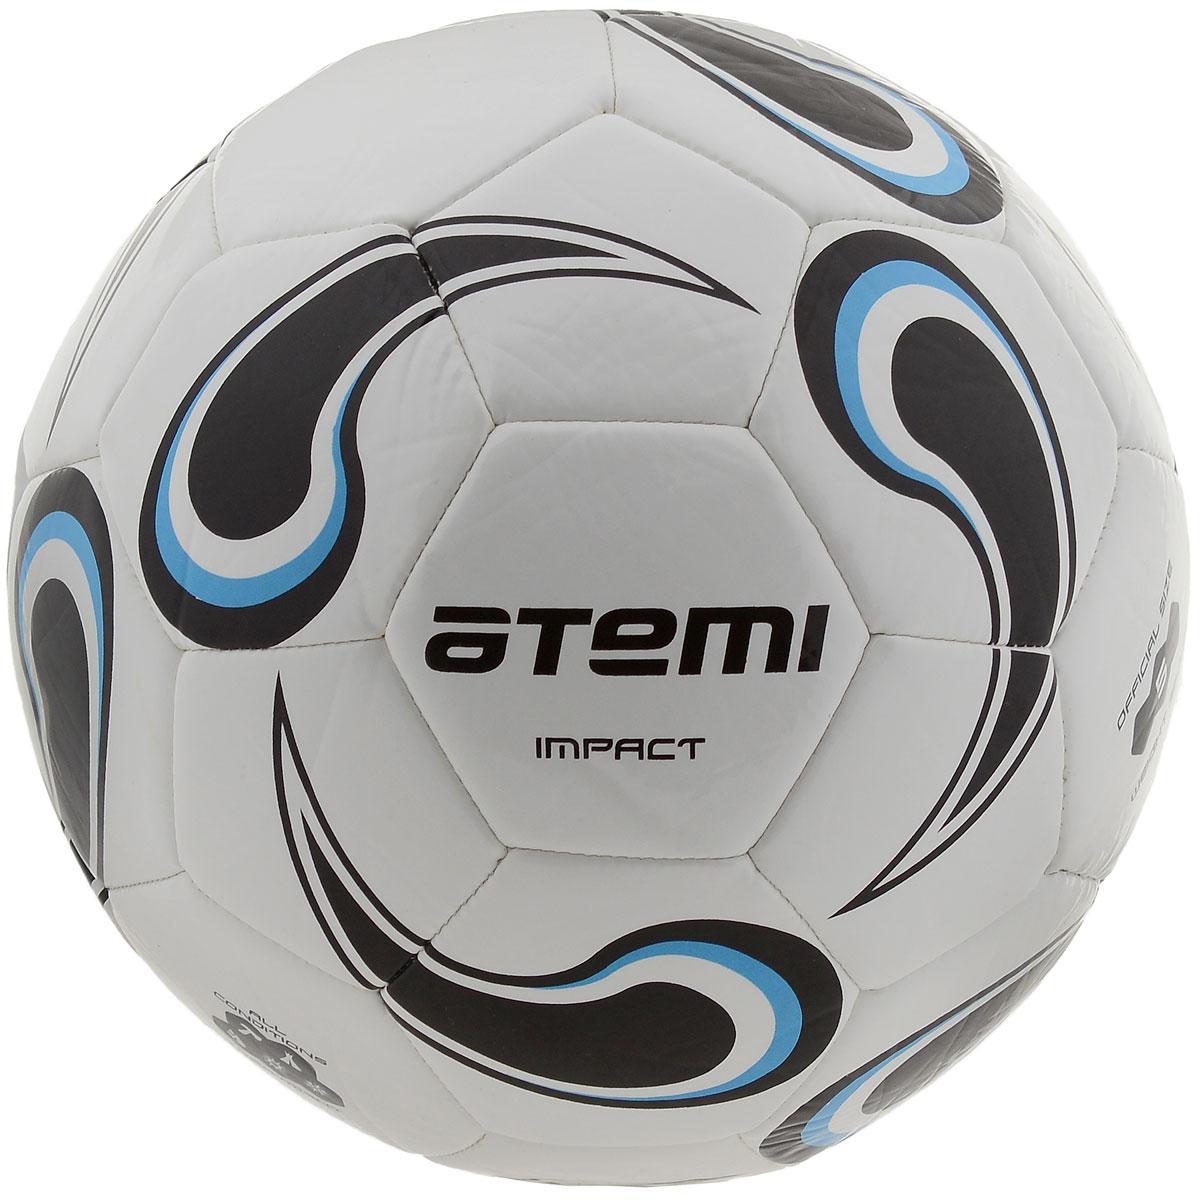 """Atemi Мяч футбольный Atemi """"Impact"""", цвет: белый, черный, голубой. Размер 5"""